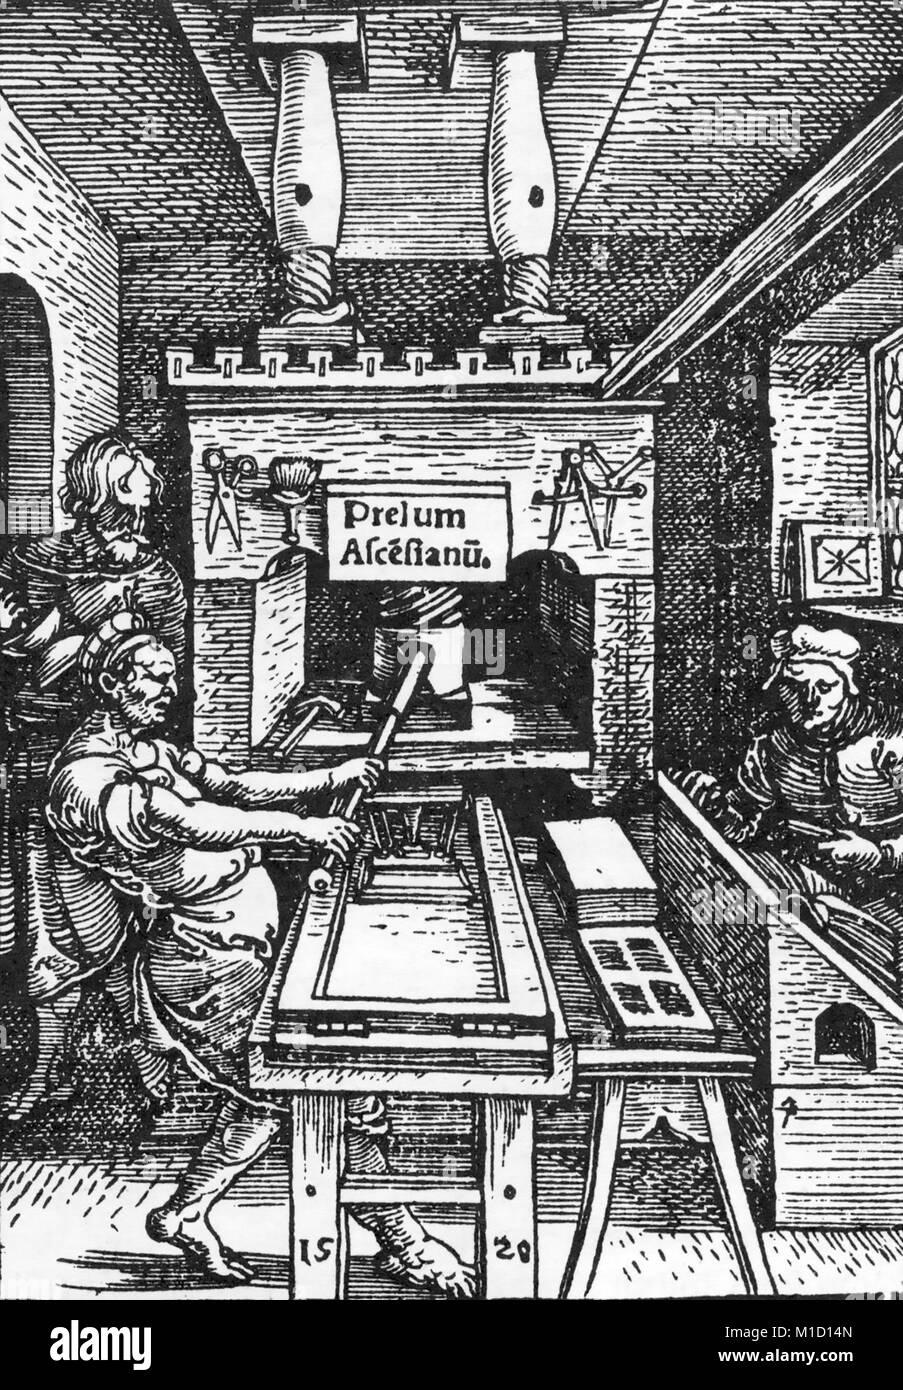 JODOCUS BADIUS (1462-1535) Flemish printer's workshop in 1520 - Stock Image